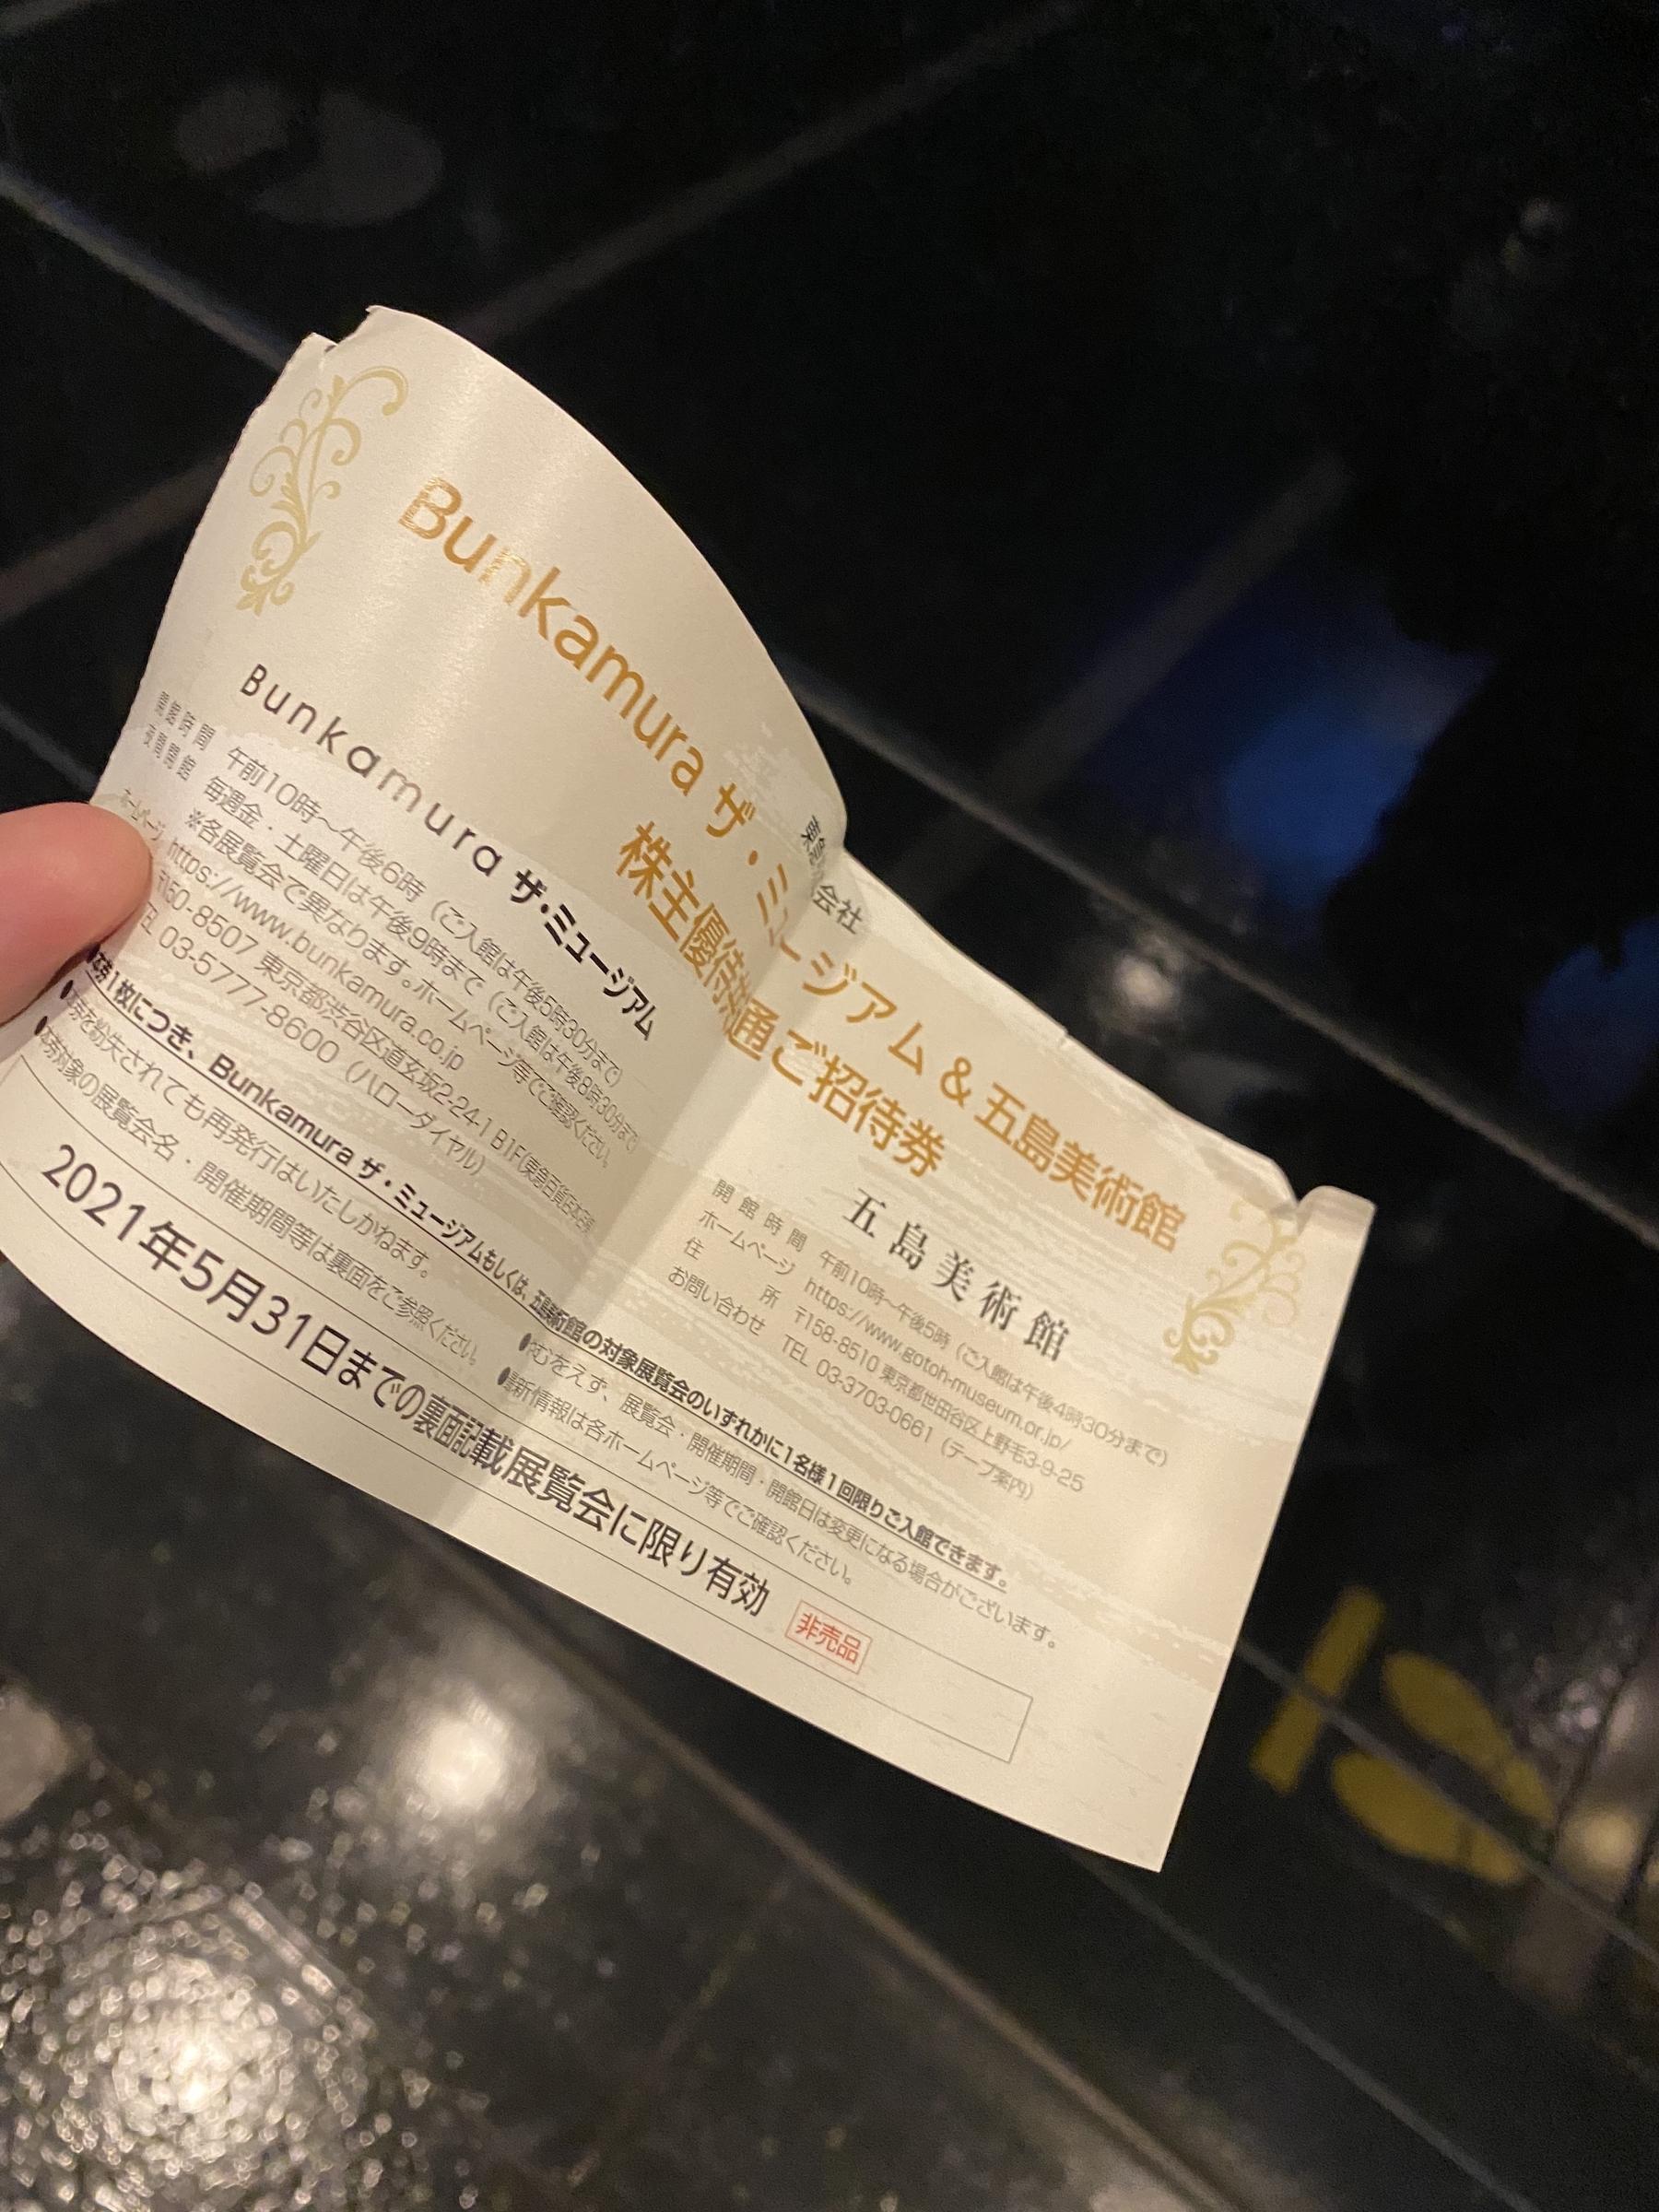 渋谷Bunkamuraの写真家ドアノーの写真展を300円で見る方法